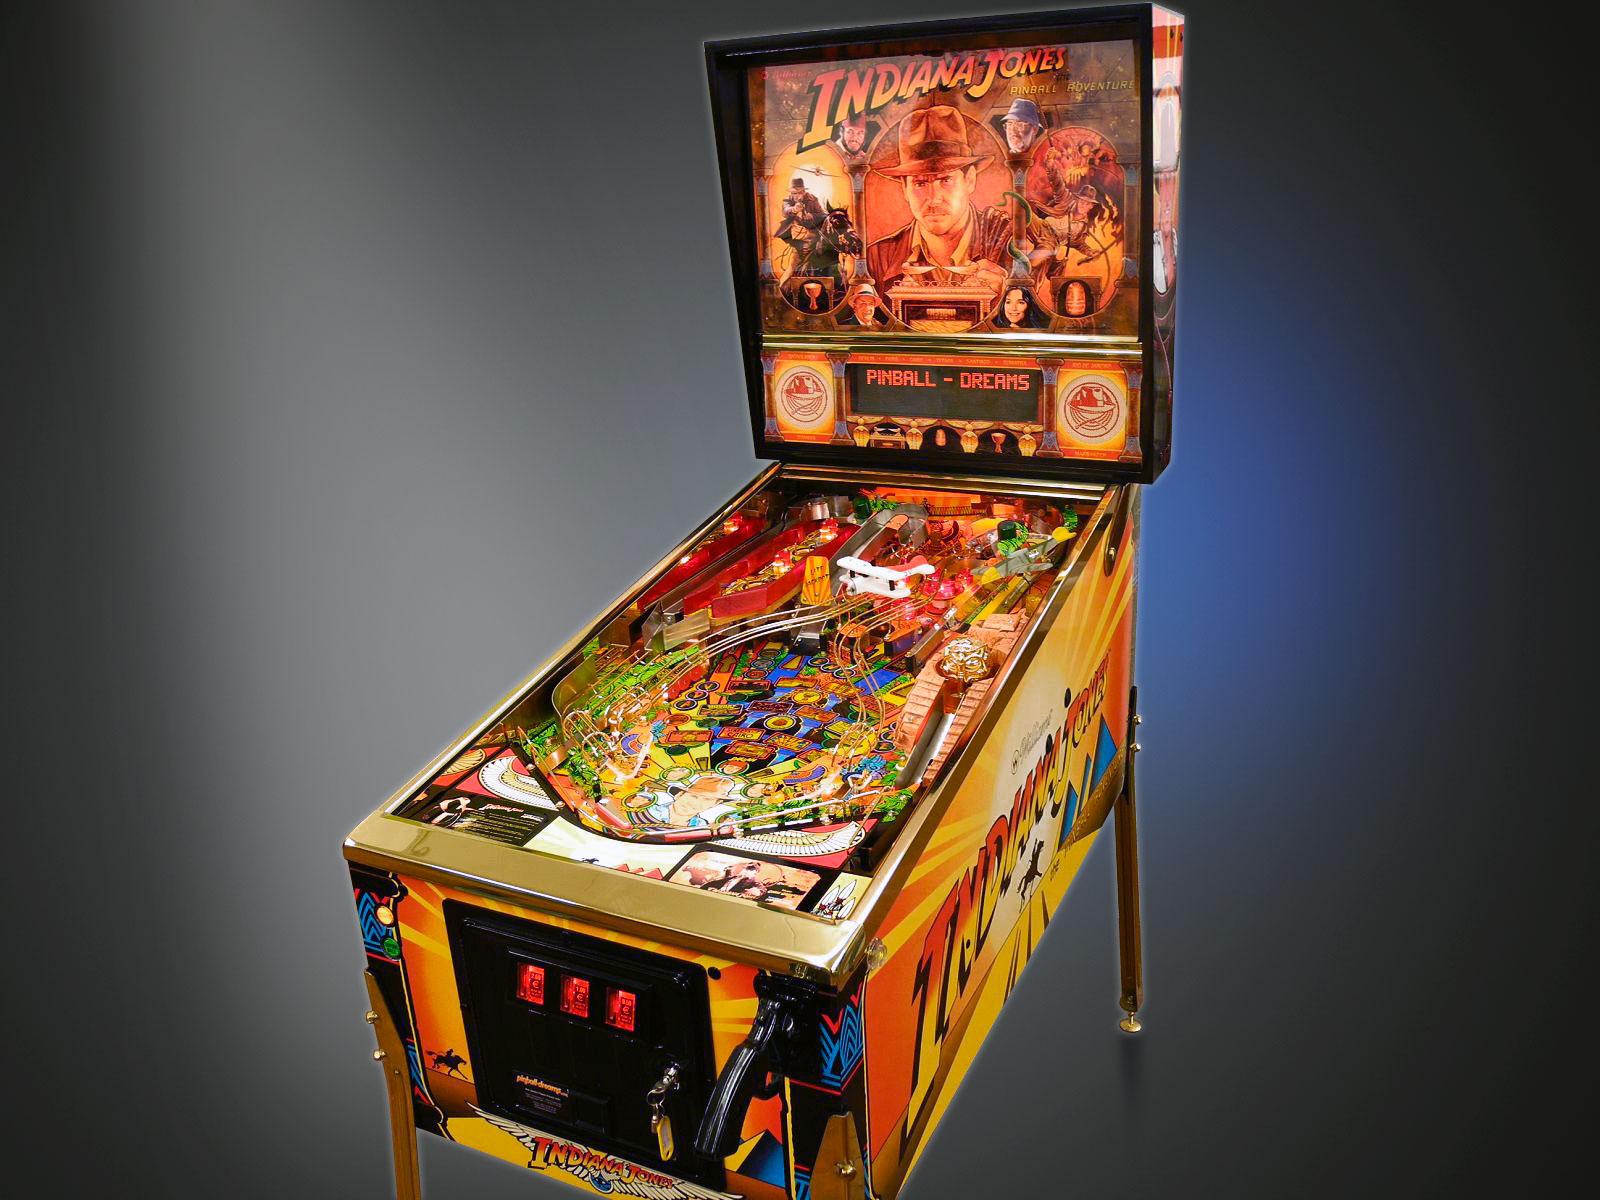 Indiana Jones Restoration - New York Pinball